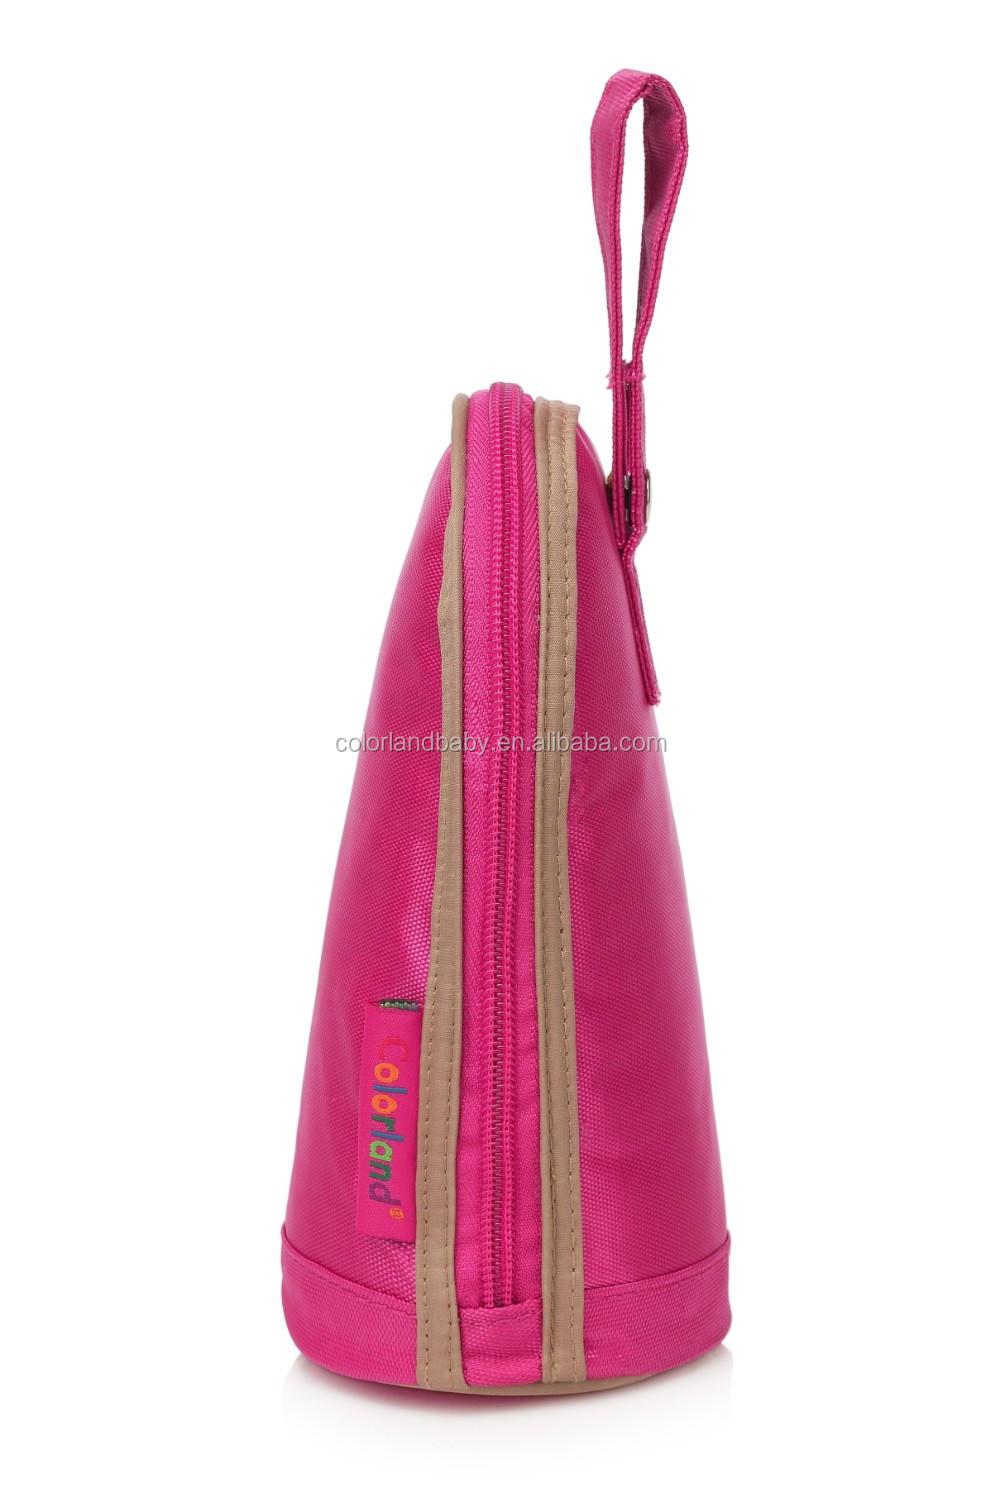 Bedroom Baby Milk Cooler: Baby Milk Bottle Cooler Bag Breast Milk Storage Bag Warmer